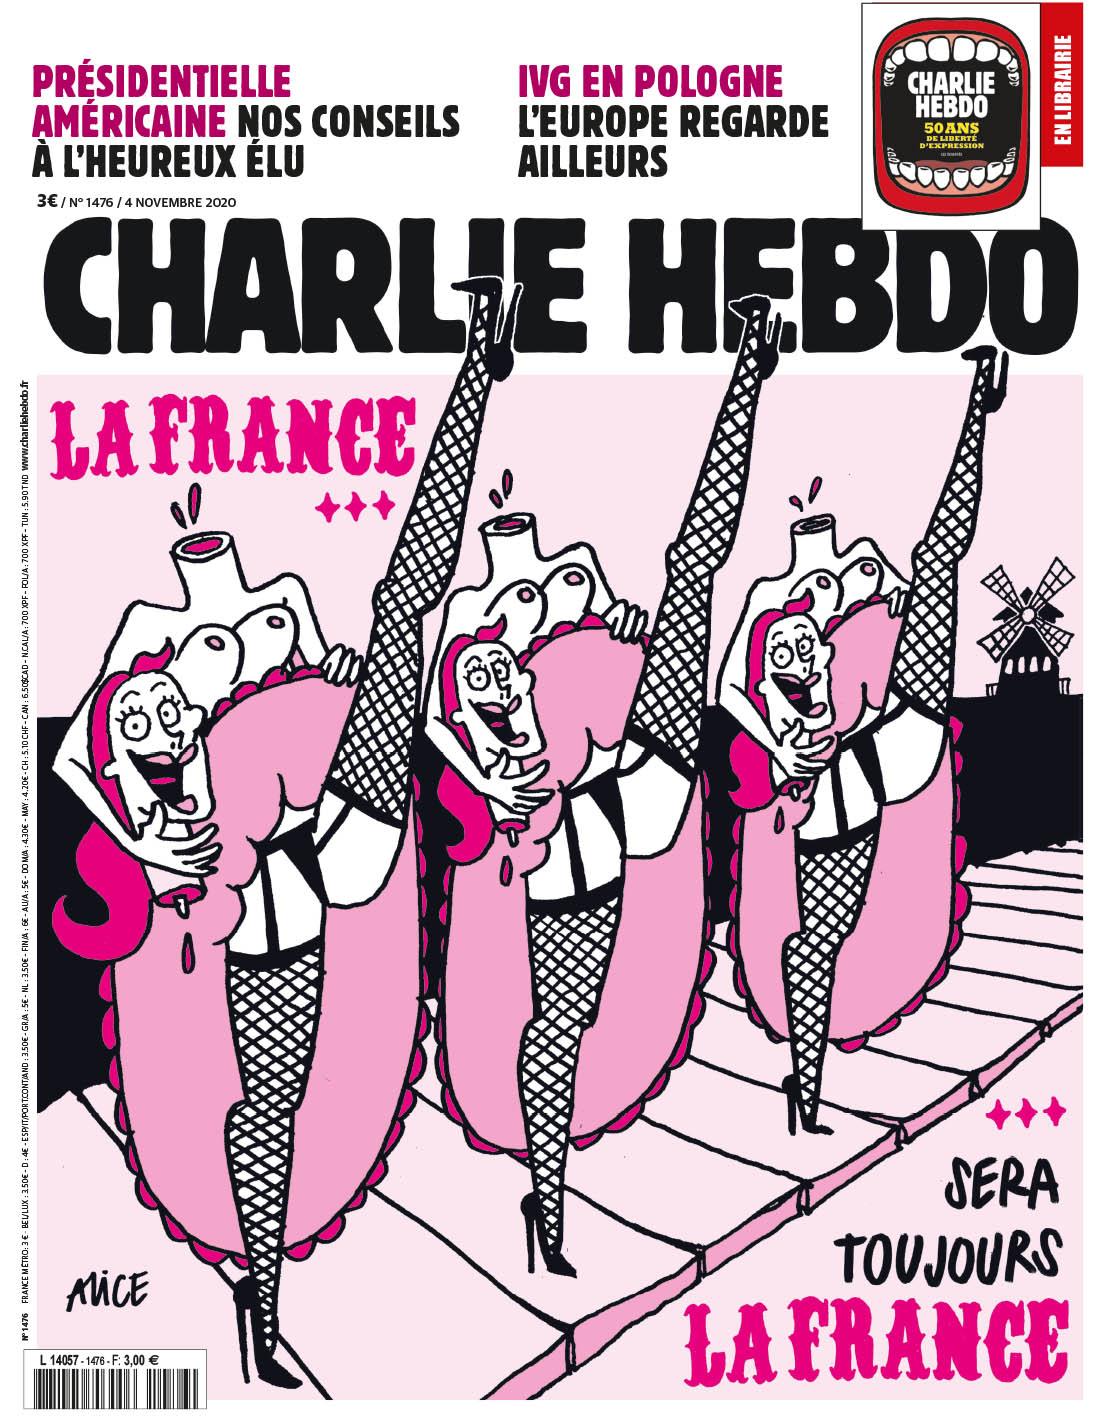 Charlie Hebdo n°1476 ---  4 novembre 2020 --- Alice